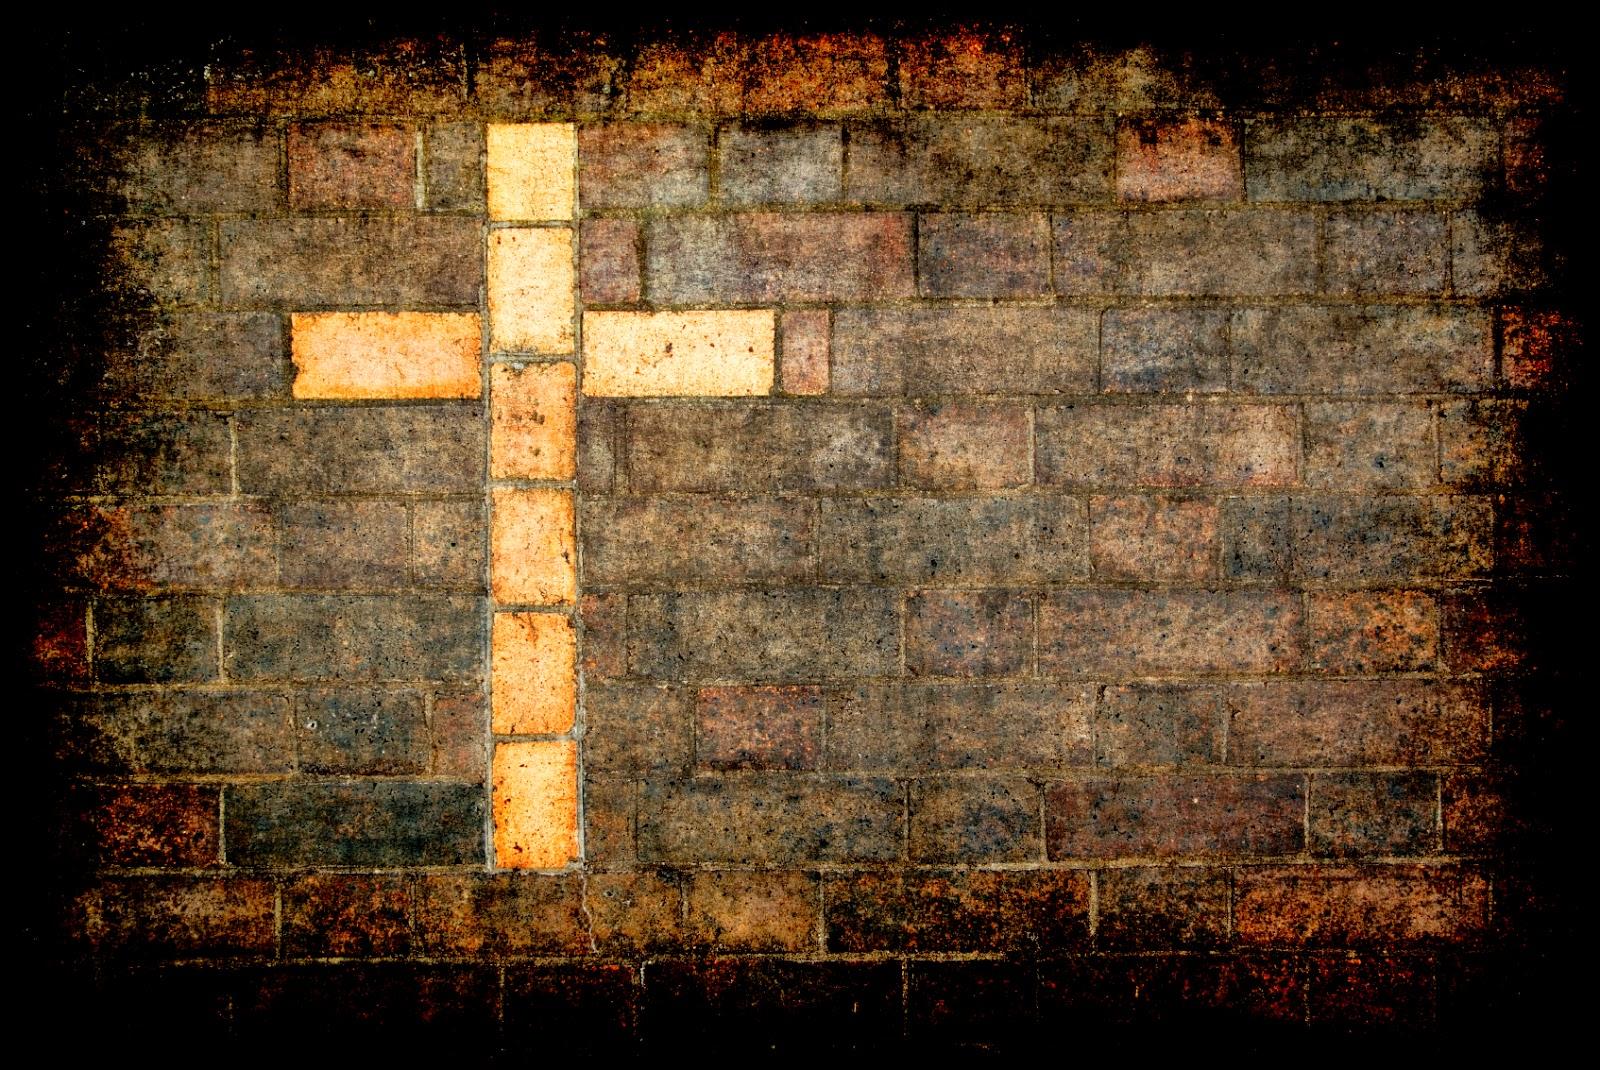 El Ateísmo es Insostenible, pero mira cómo Crece por Culpa de los Cristianos